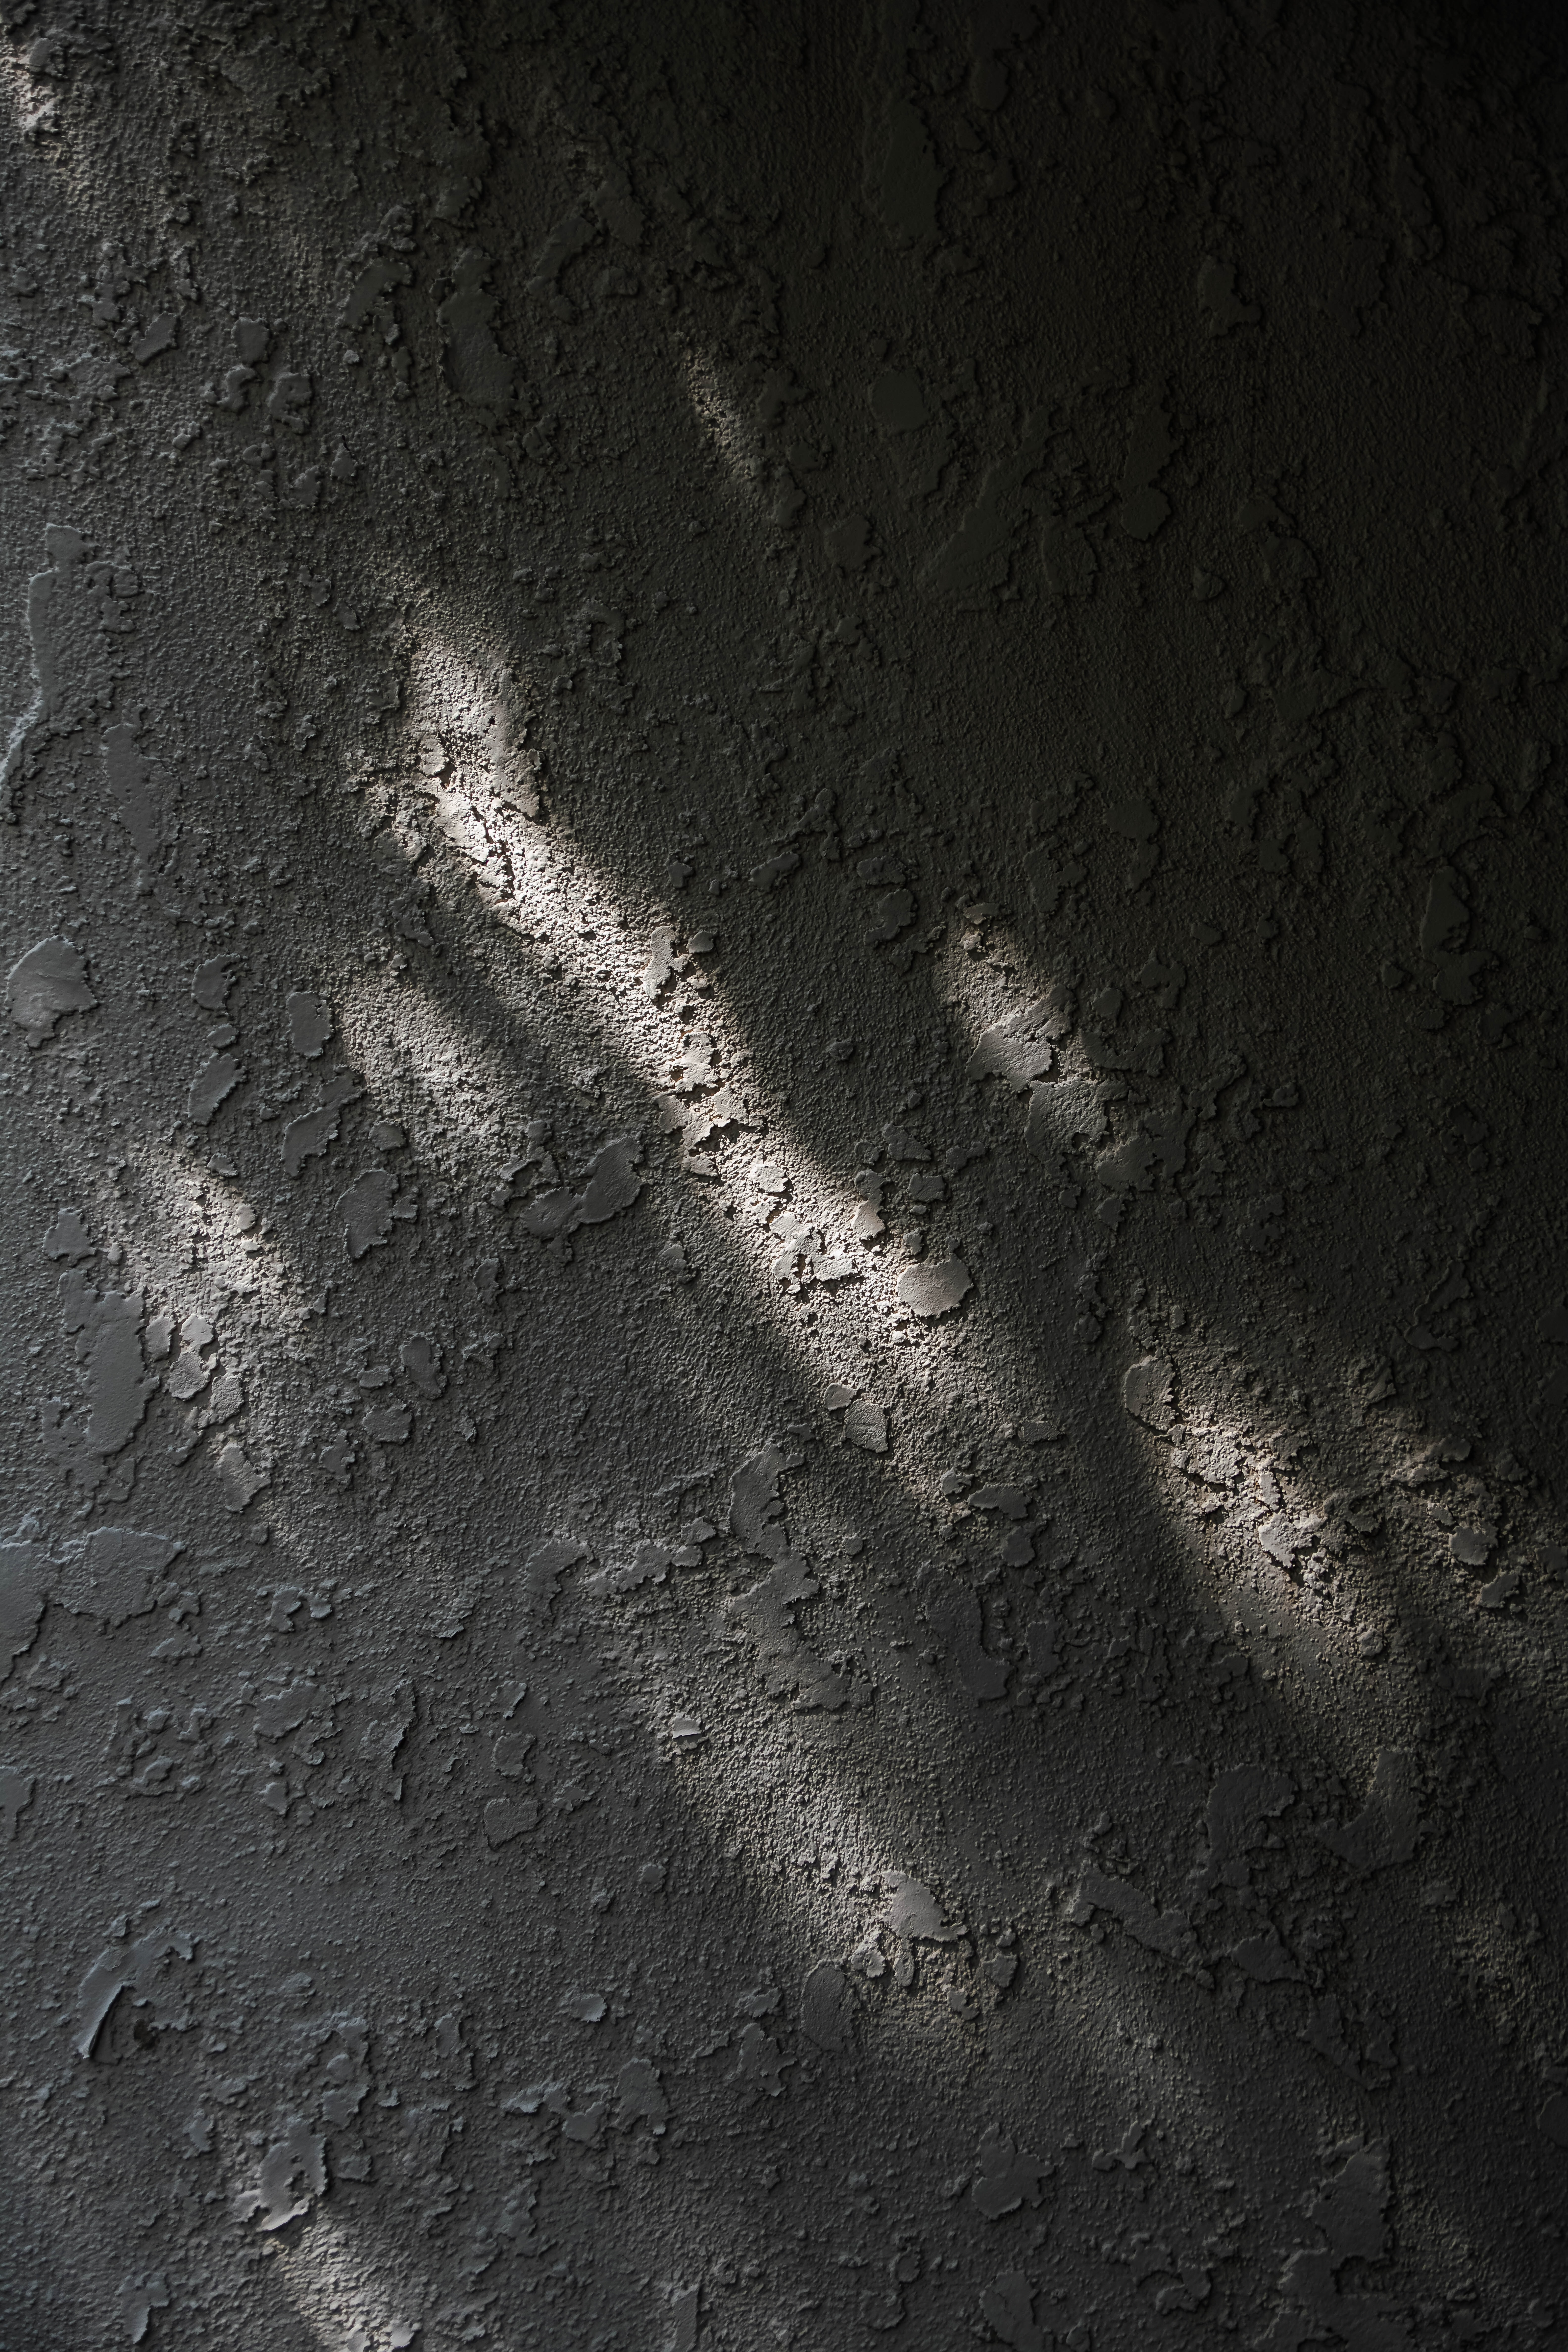 105133 télécharger le fond d'écran Textures, Texture, Mur, Plâtre, P.c., Chb, Poutres, Rayons, Ombres, Ombre - économiseurs d'écran et images gratuitement